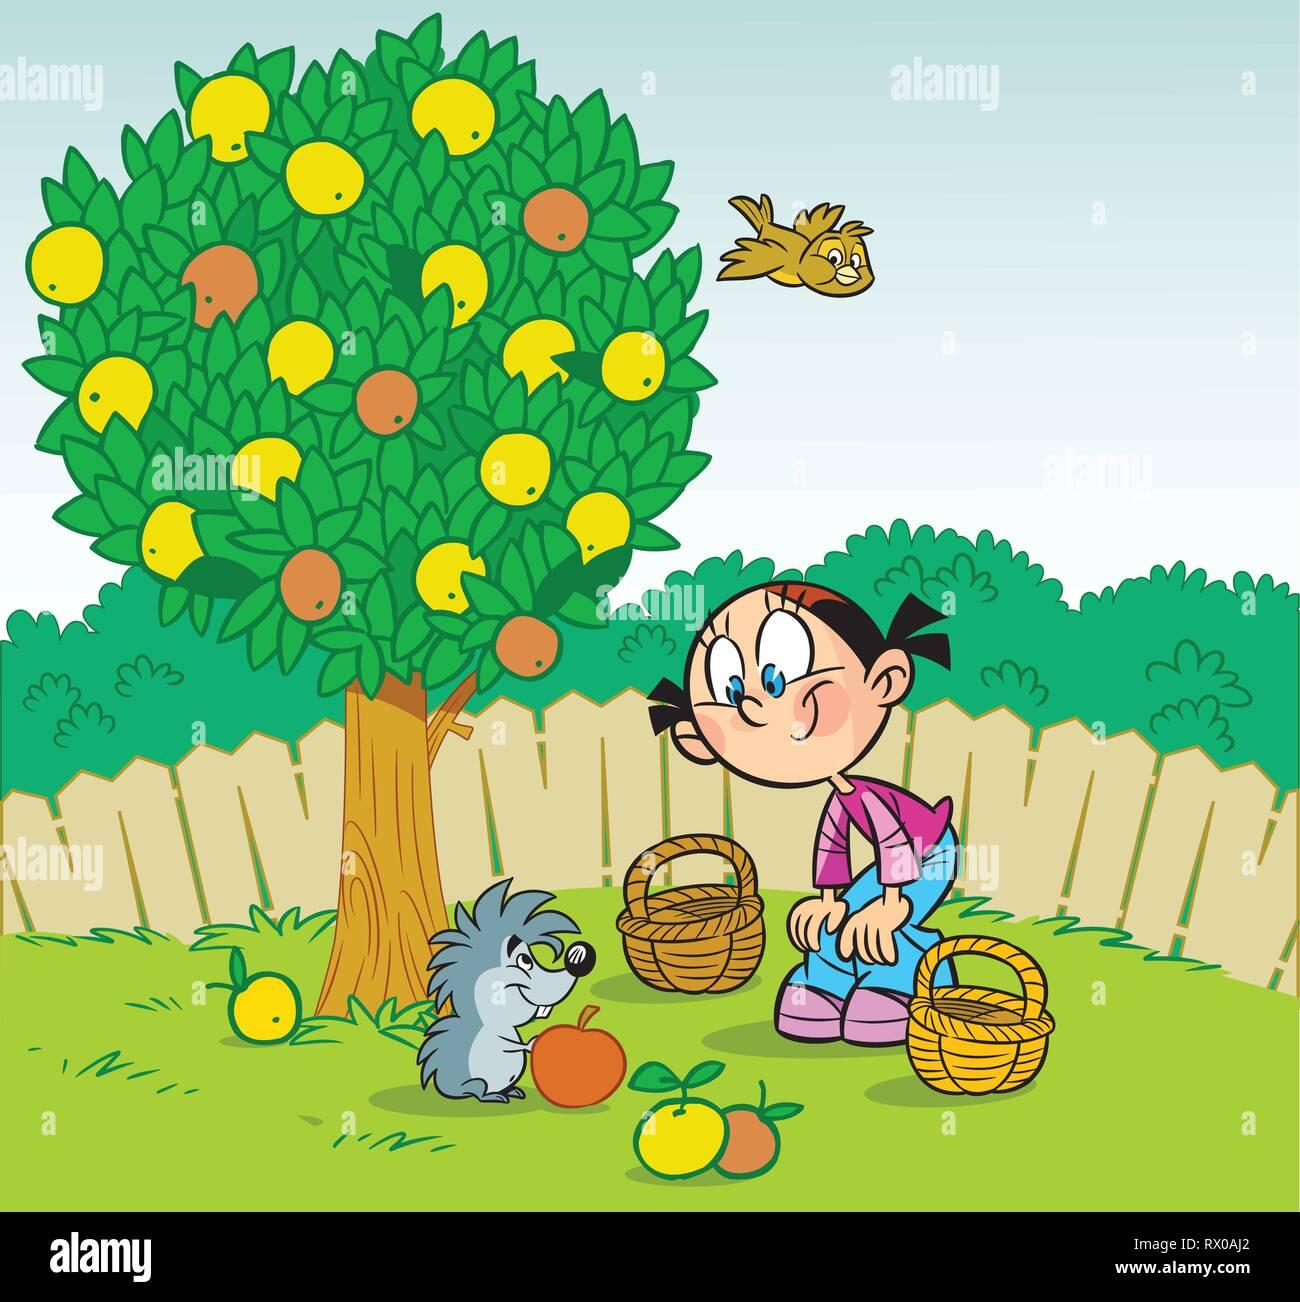 Super Die Abbildung zeigt ein Mädchen, das Im Garten arbeiten. Kleine &MO_04